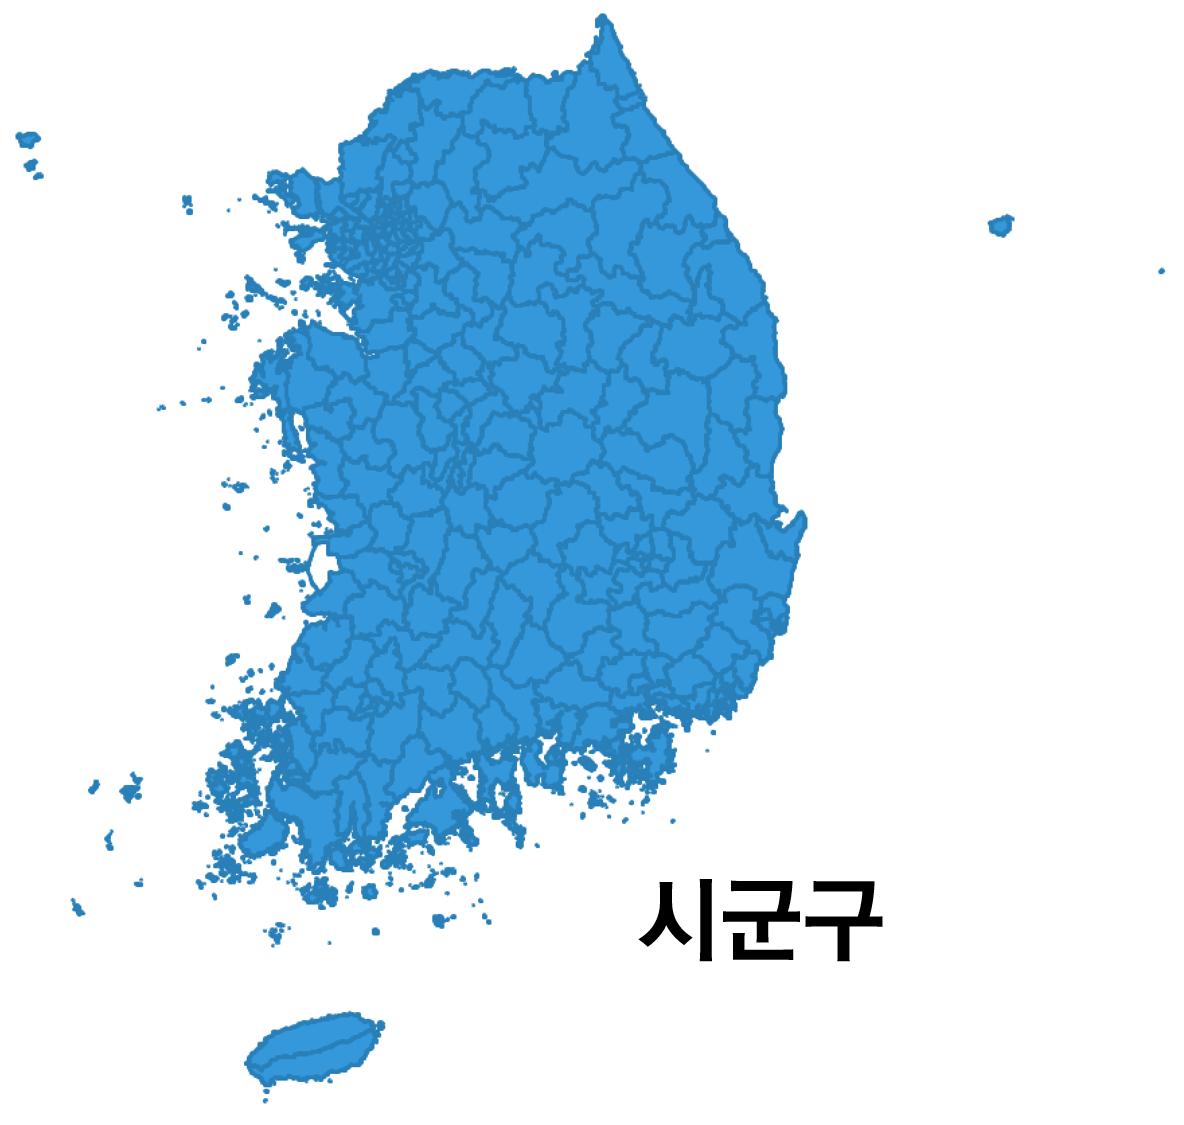 한국 행정구역 시군구